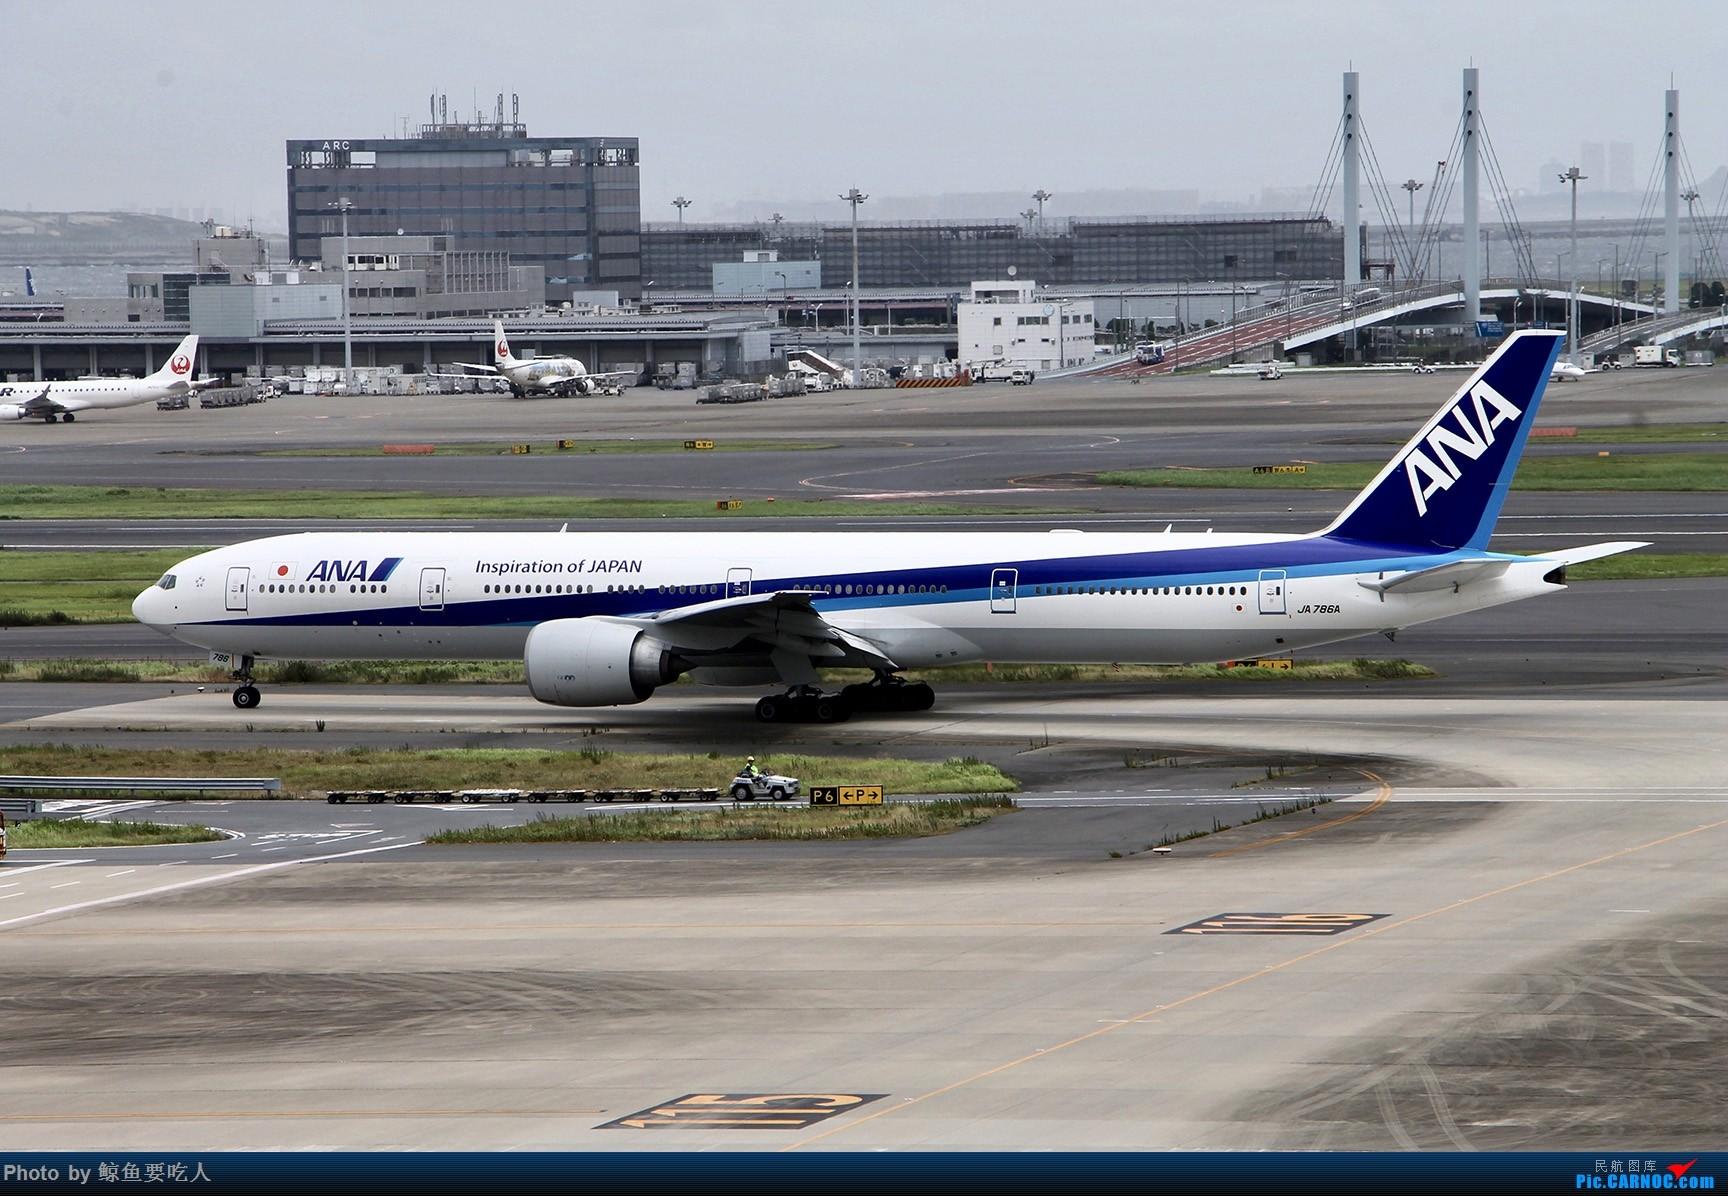 Re:梅雨季节的日本行:北海道+东京 6日自由行 南京--札幌--东京--上海虹桥 新千岁与羽田的拍机之旅 BOEING 777-300ER JA786A